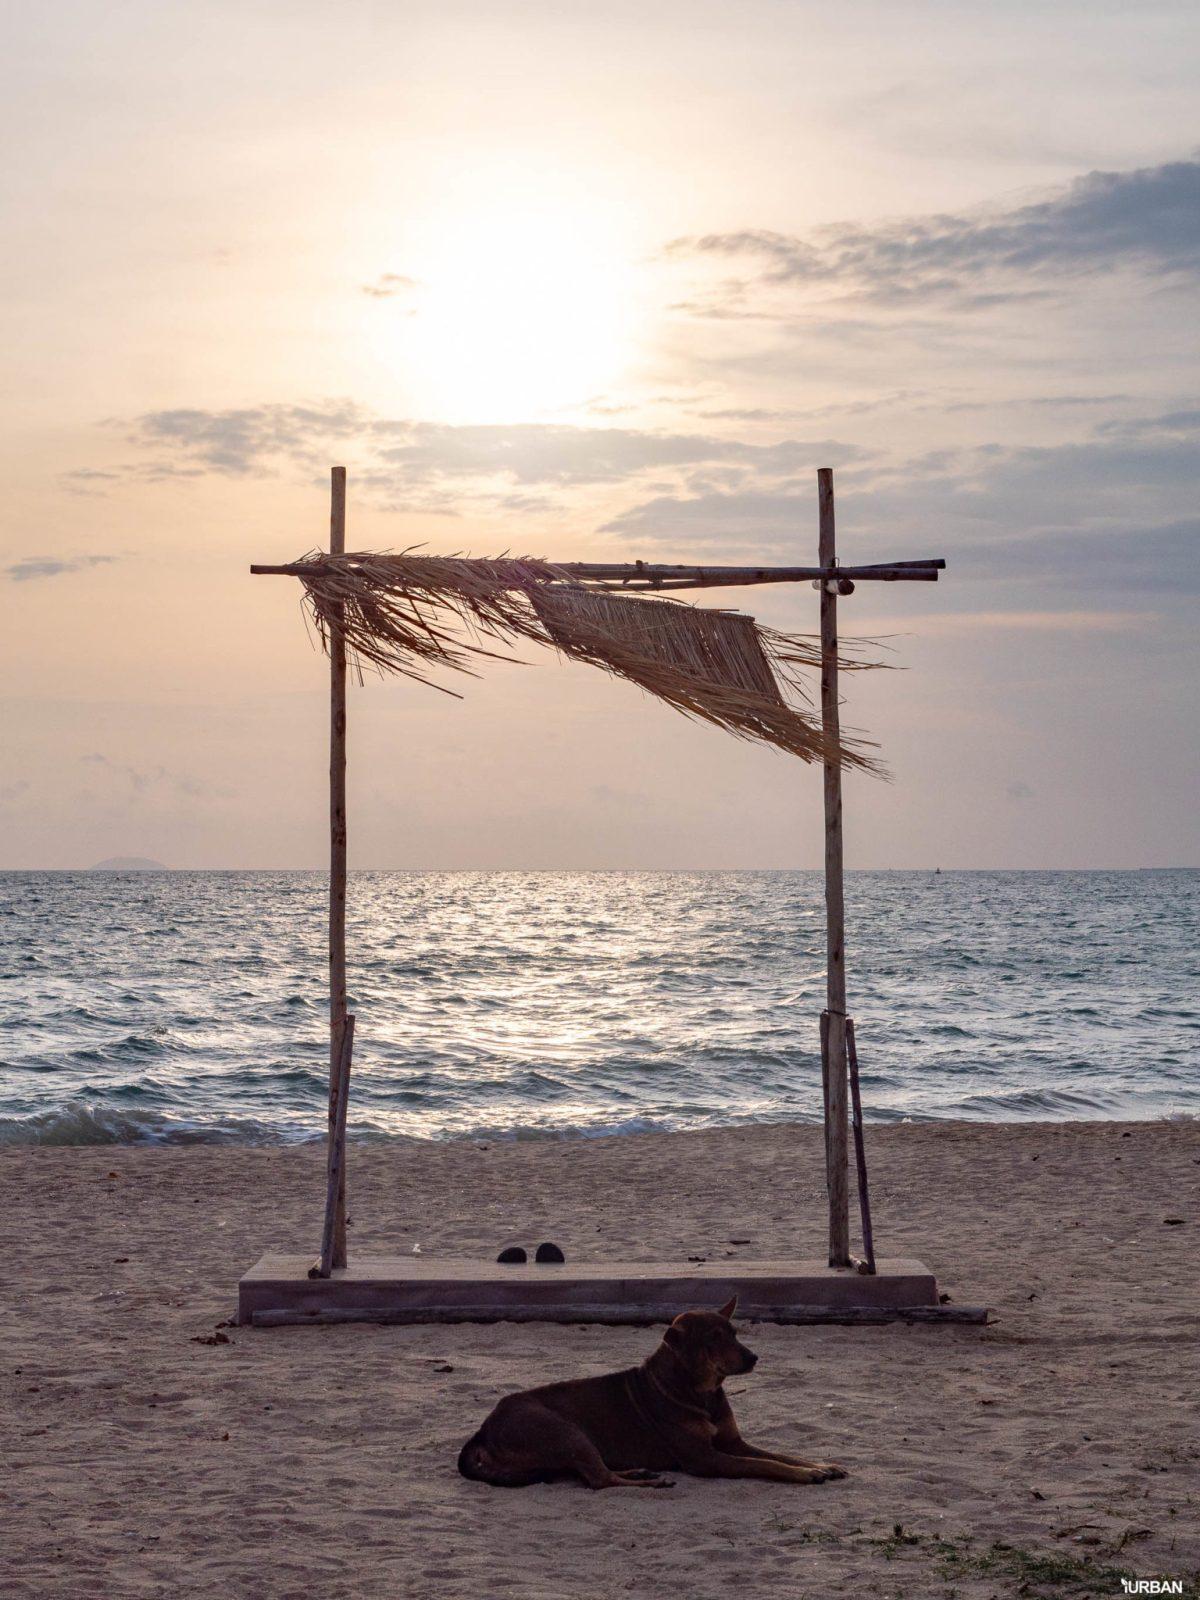 7 ชายหาดทะเลพัทยา ที่ยังสวยสะอาดน่าเที่ยวใกล้กรุงเทพ ไม่ต้องหนีร้อนไปไกล ก็พักได้ ชิลๆ 28 - Beach